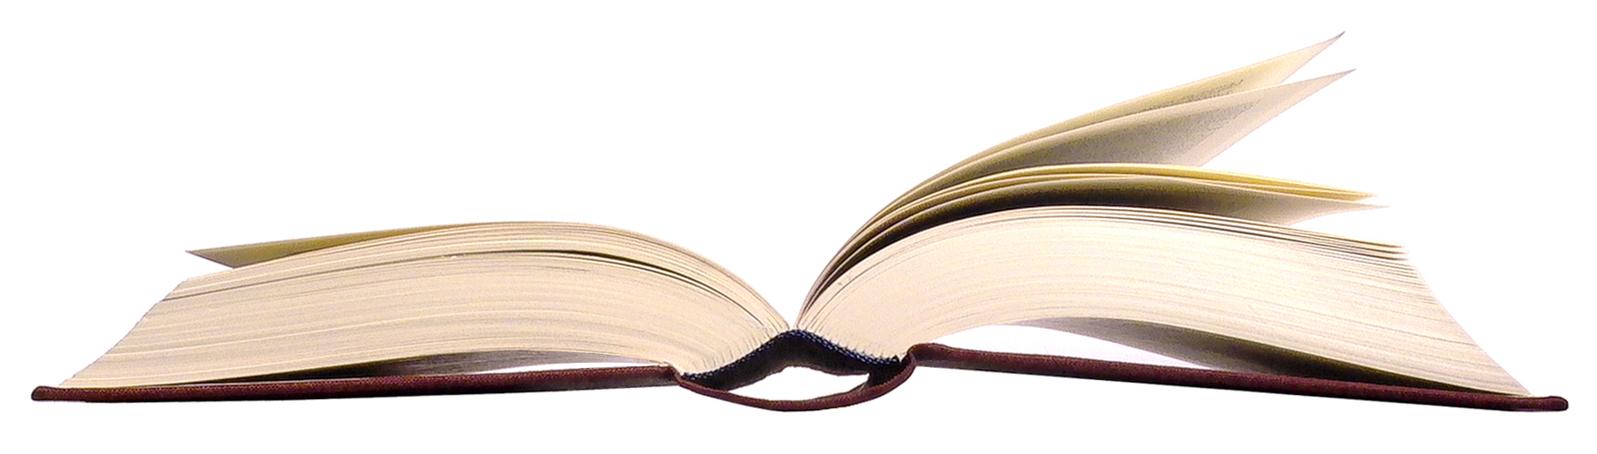 book-1528240-1597x453